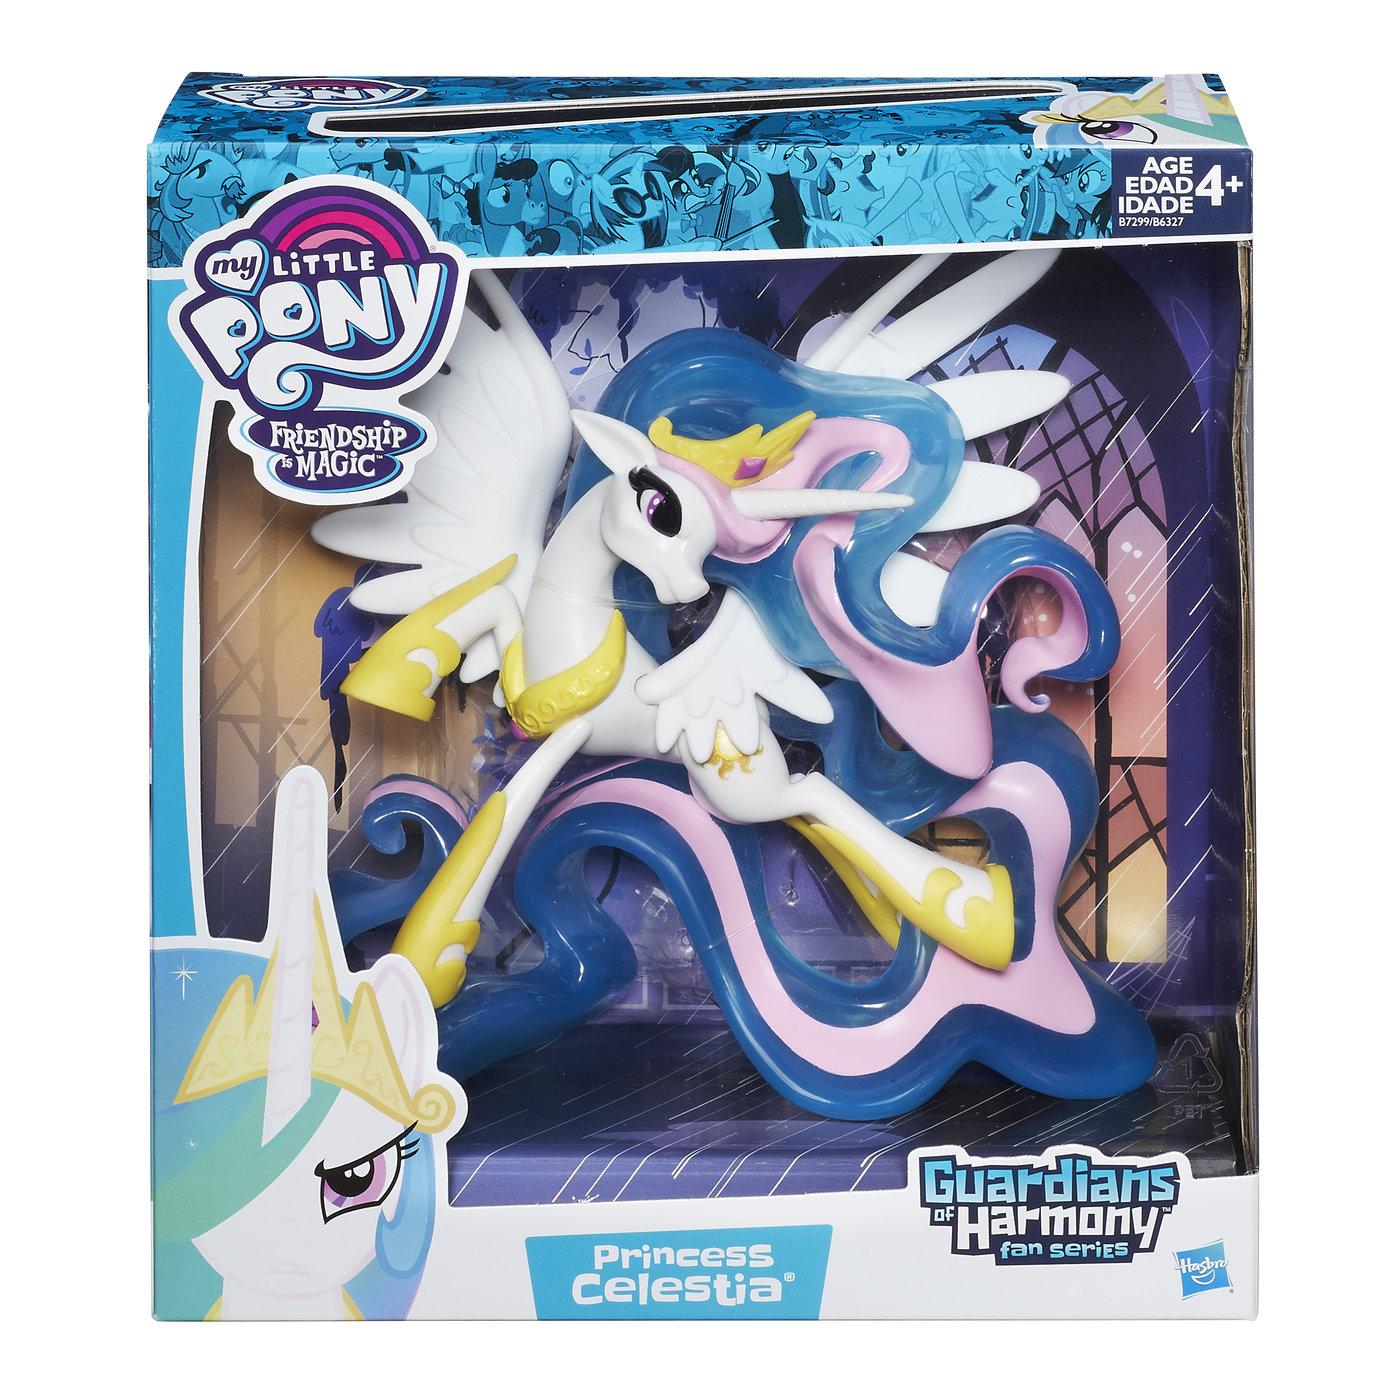 my little pony fan series packaging line by matt riordan at